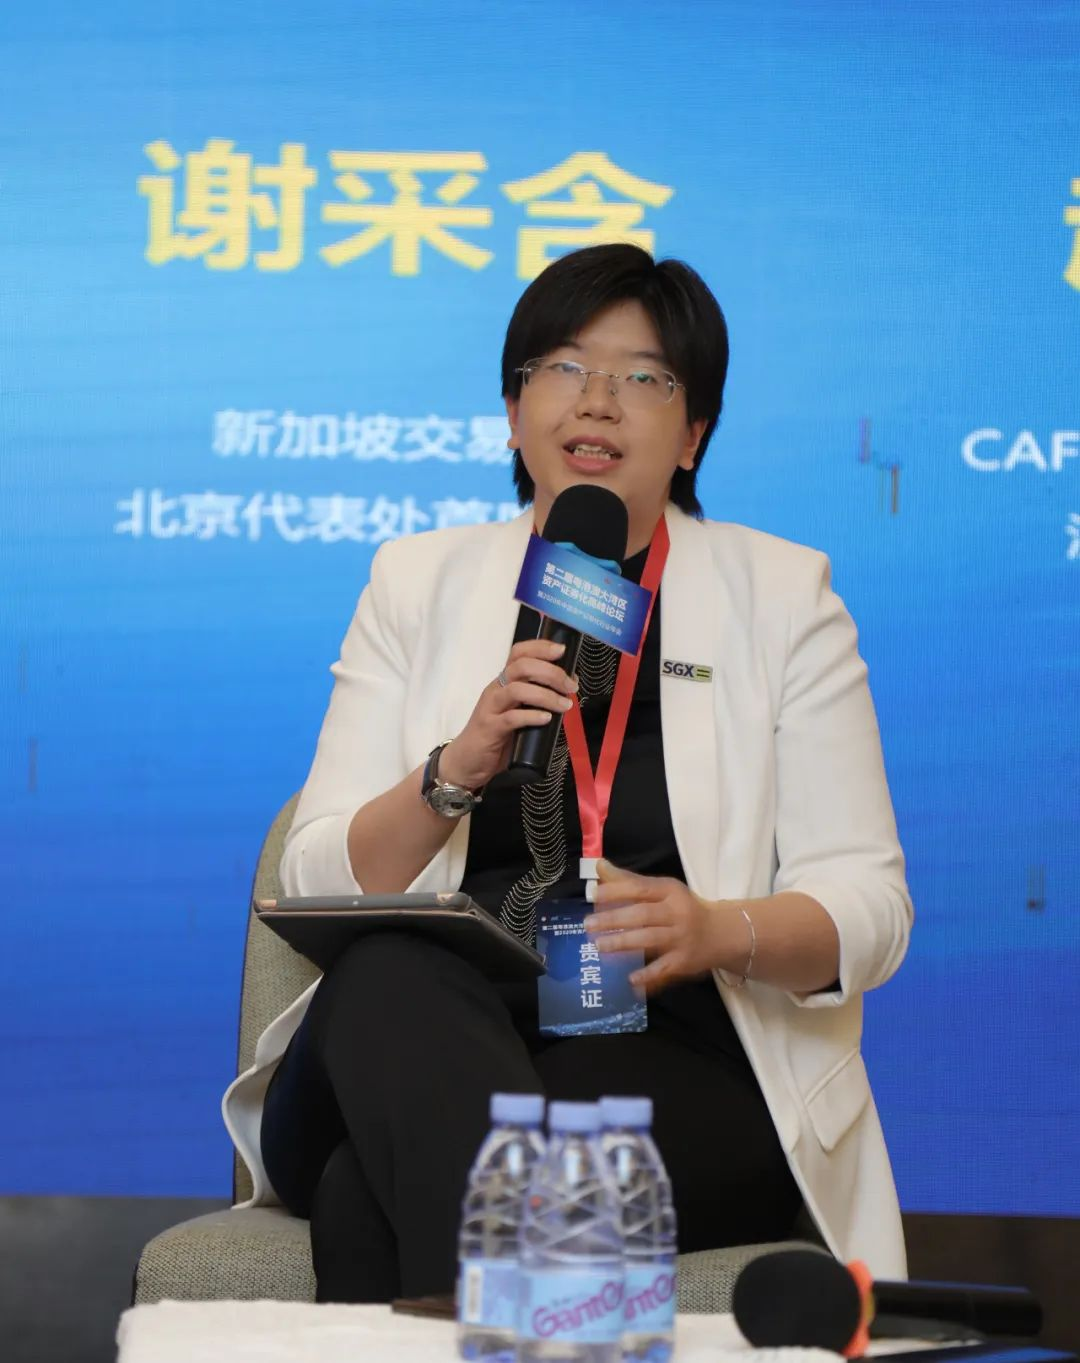 招生丨中国公募REITs实战高级研修项目再迎重磅导师加入!